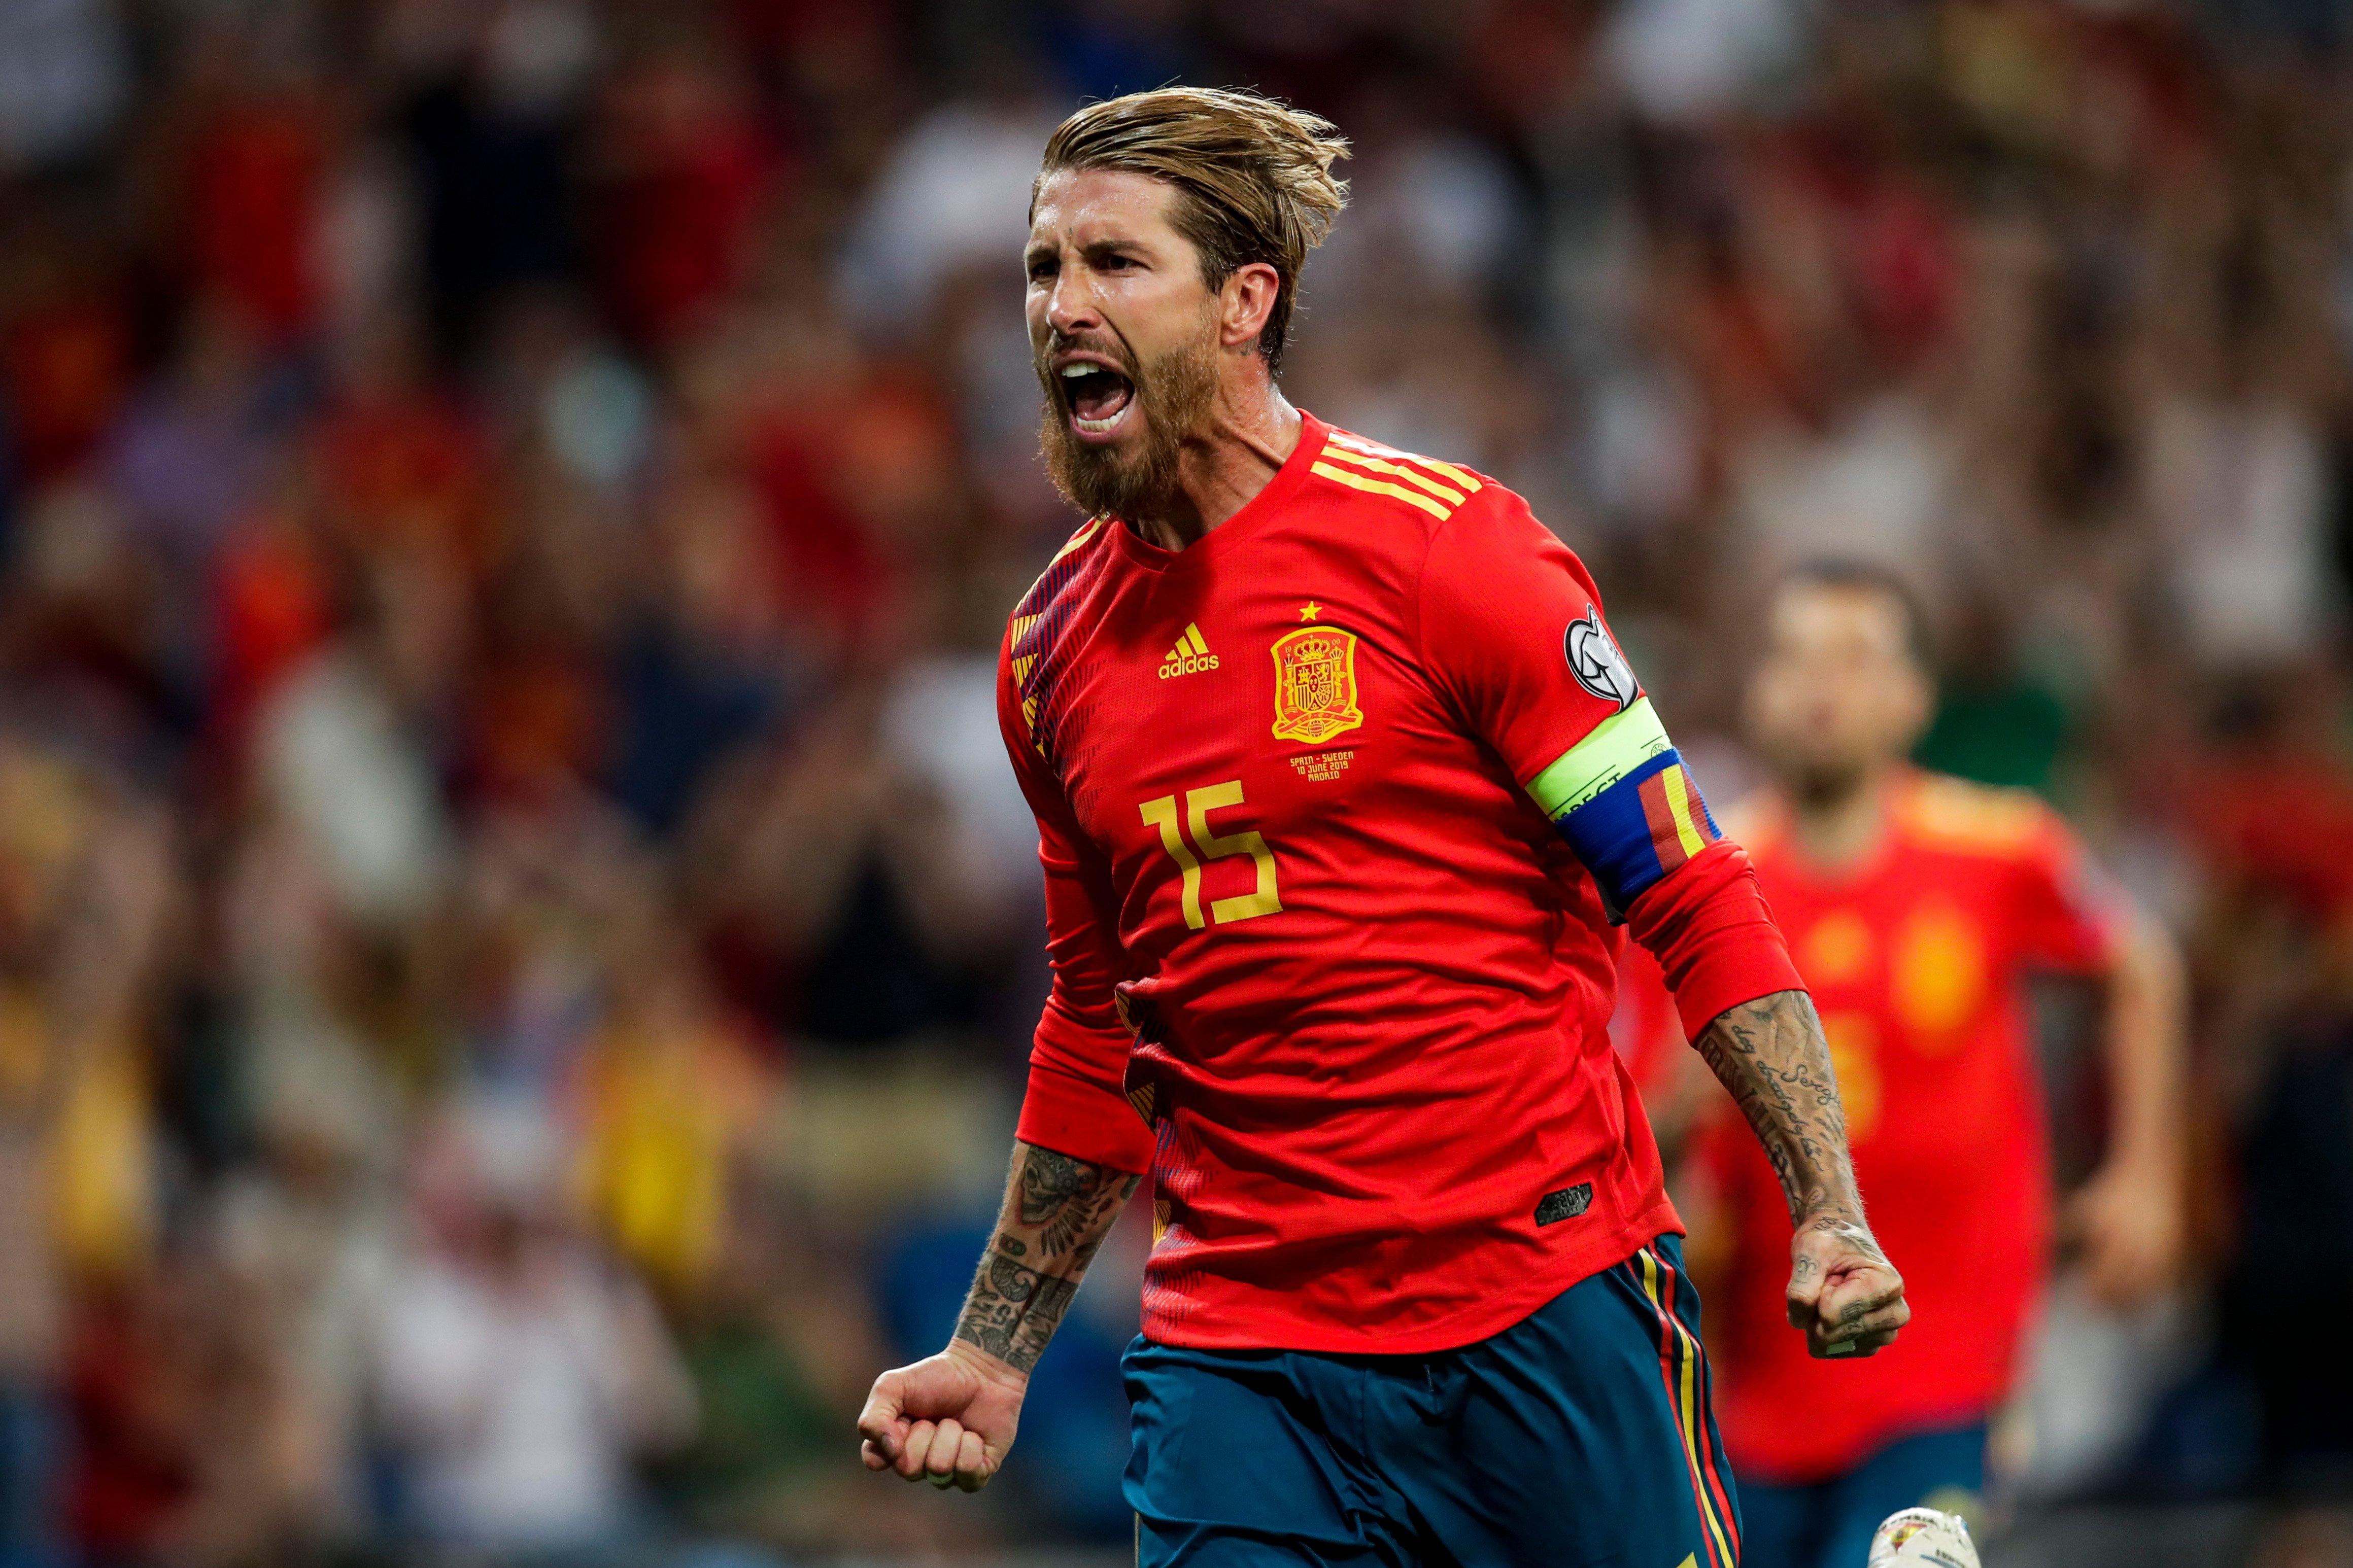 Fondos de pantalla Sergio Ramos en la Selección Española